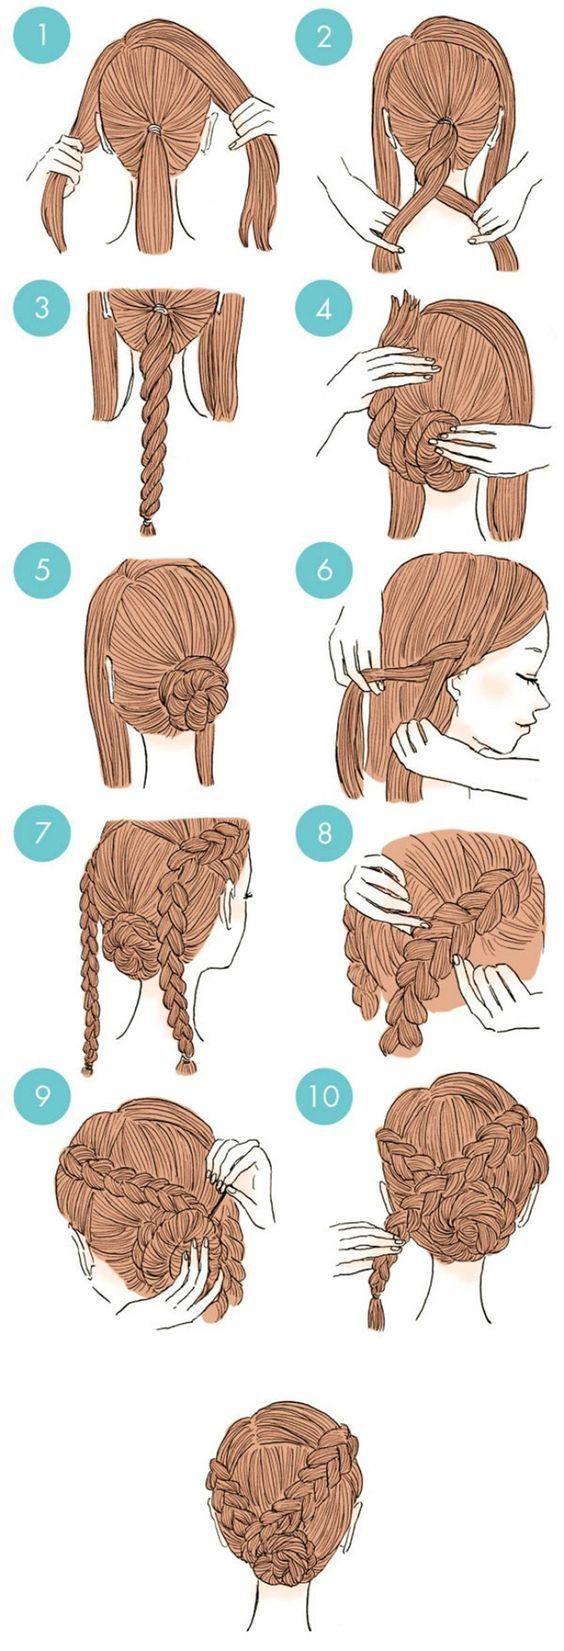 Einfache Flechtfrisur Anleitung. Vorne am Kopf eine Partie Haare abtrennen, den